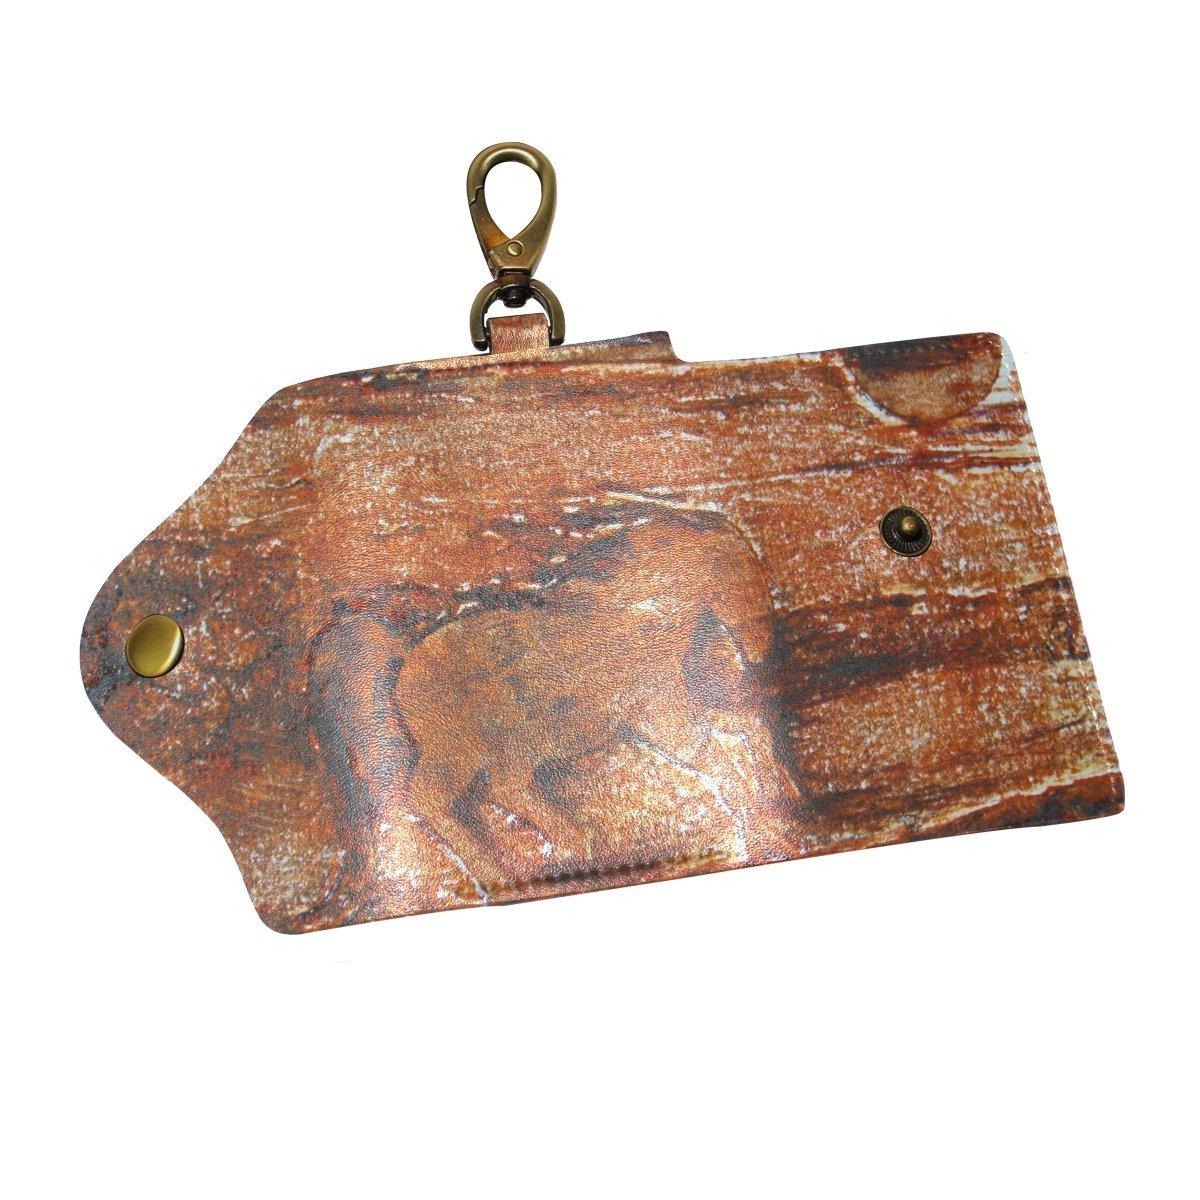 DEYYA Horse Running Leather Key Case Wallets Unisex Keychain Key Holder with 6 Hooks Snap Closure